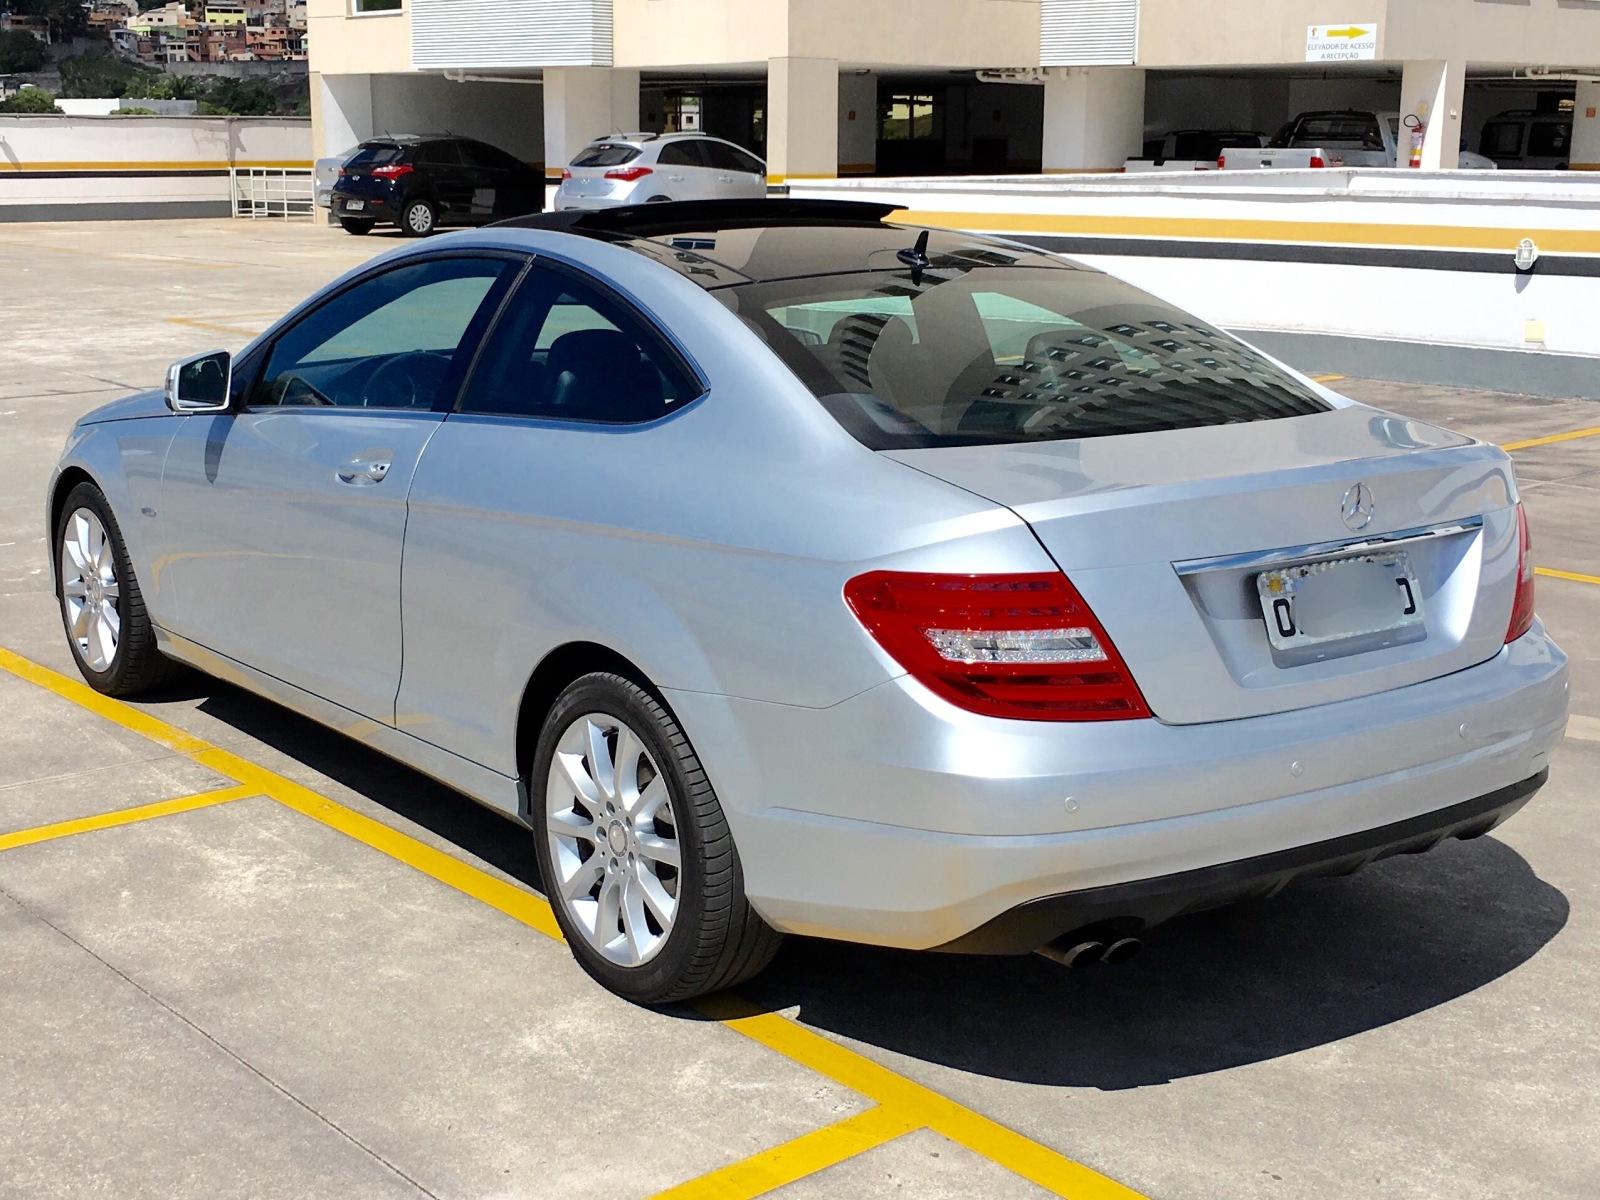 C180 - (VENDO): C204 - C180 coupé 11/12 - R$68.000,00 Rihlog